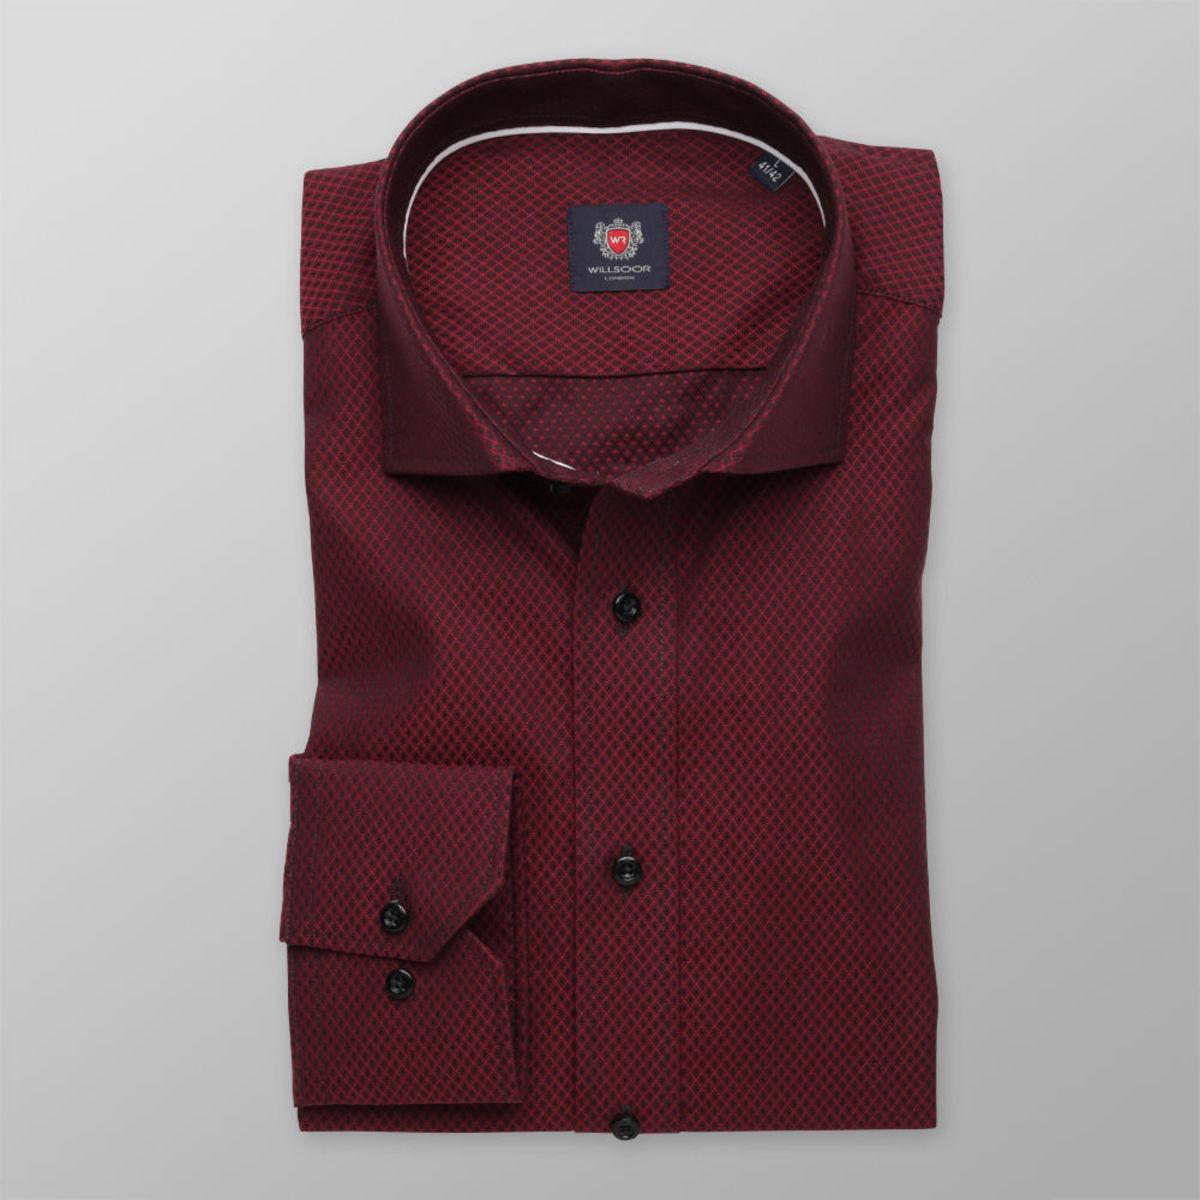 Pánská slim fit košile London (výška 176-182) 8501 v bordó barvě s úpravou easy care 176-182 / L (41/42)